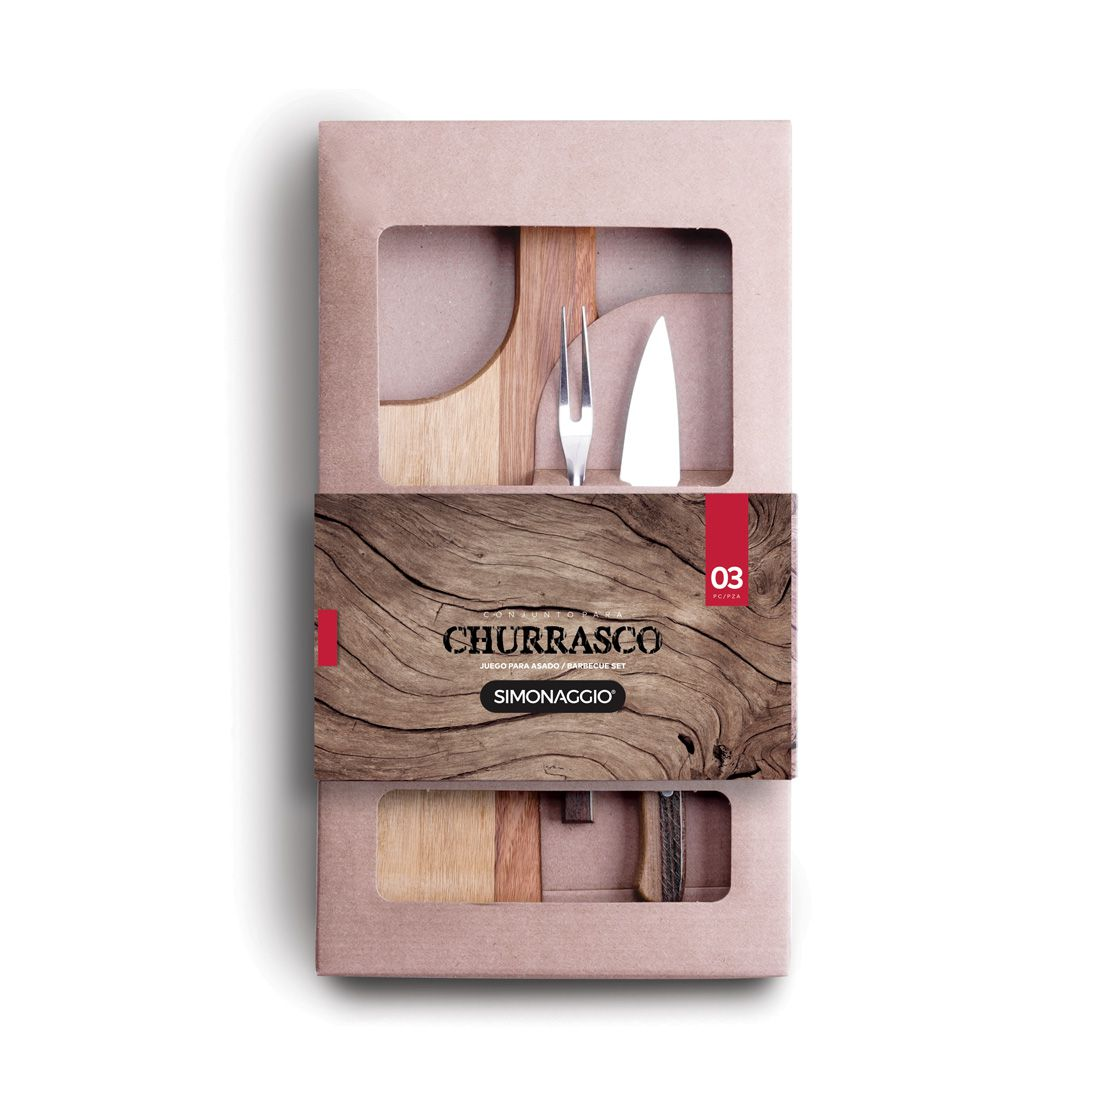 Conjunto para Churrasco 3 Peças de Aço Inox com Cabo de Madeira 1 Faca Peixeira 1 Garfo Trinchante 1 Tábua de Madeira